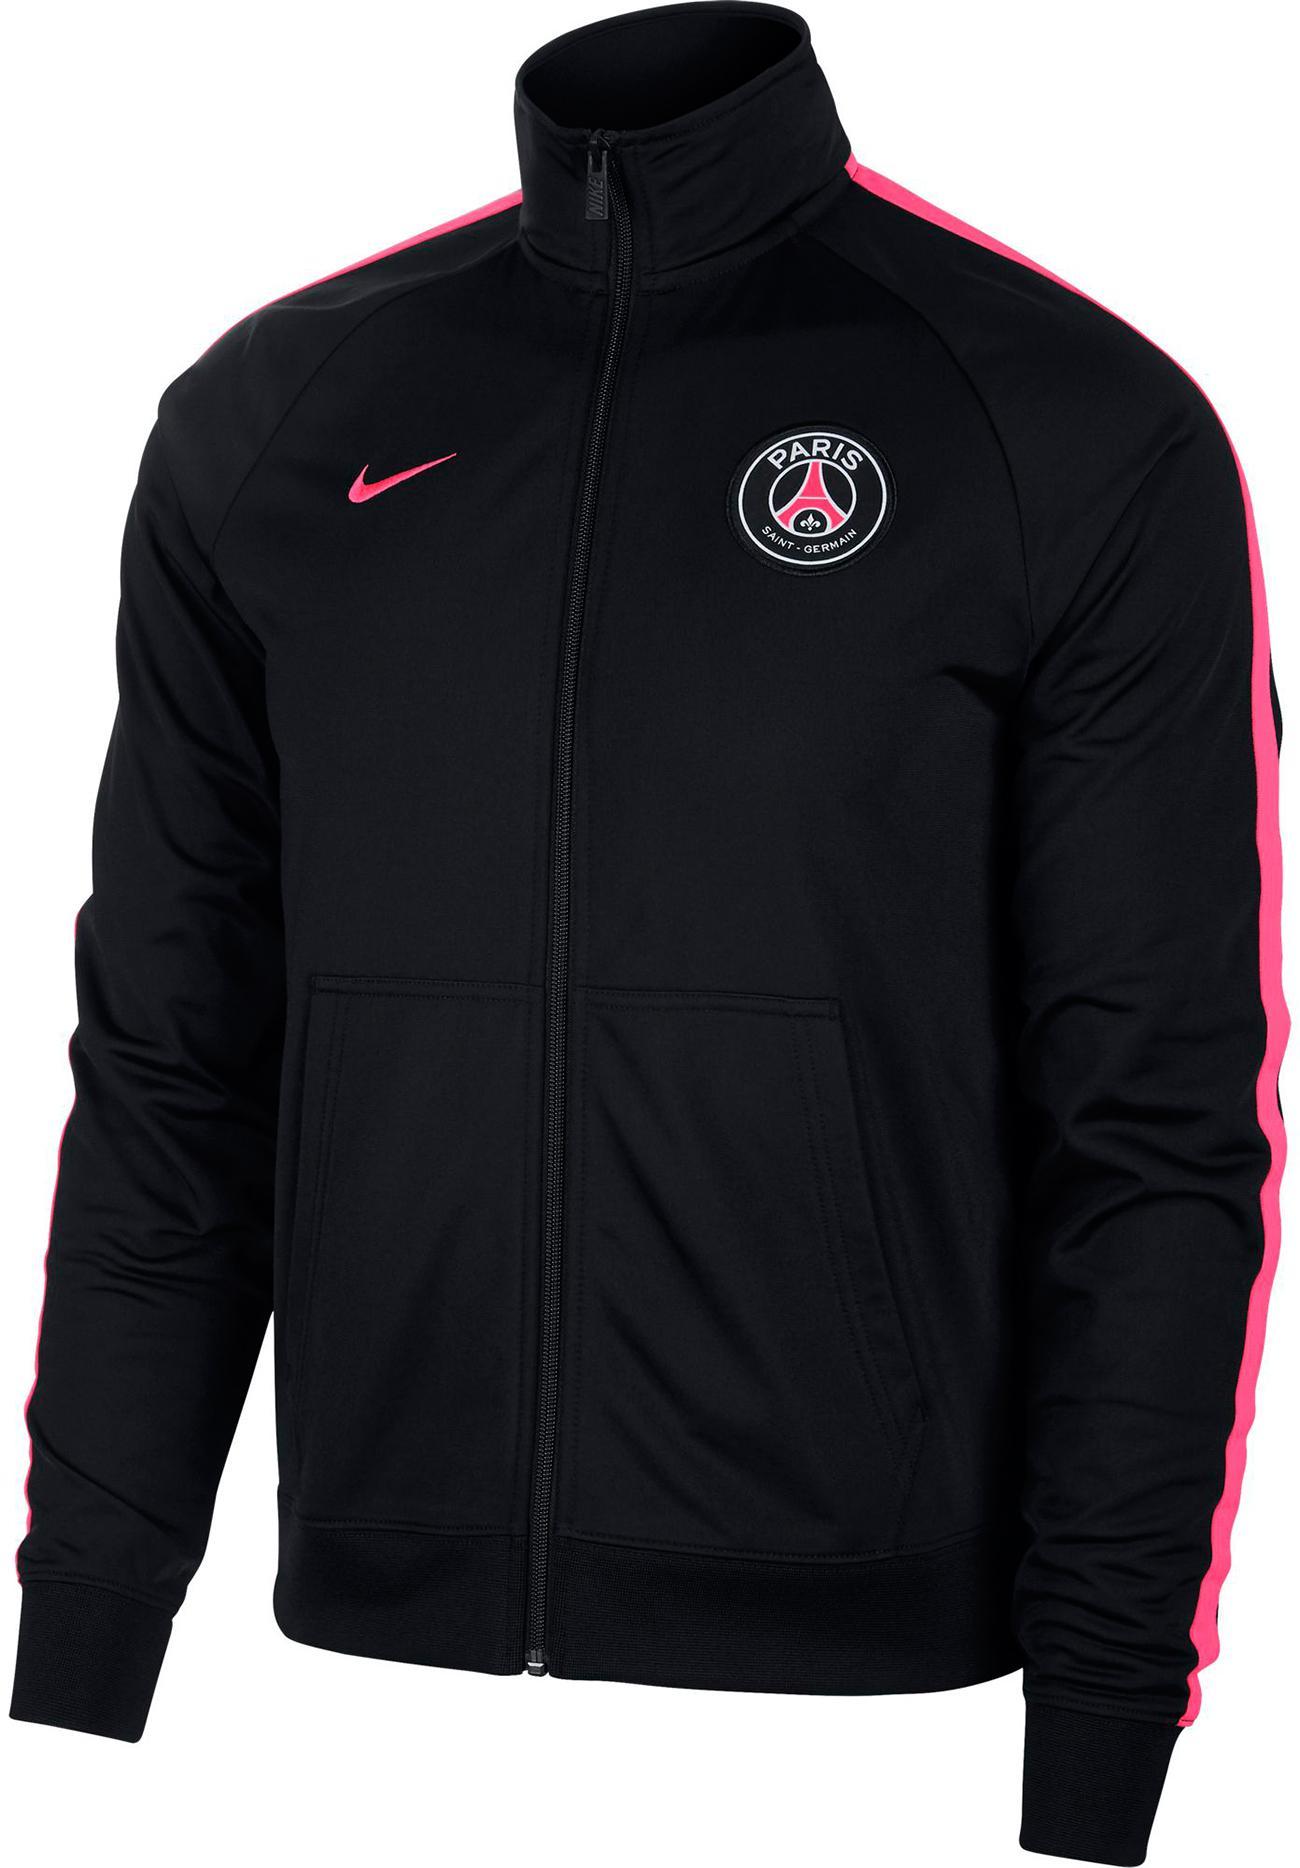 jacken f�r herren von nike im online shop von sportscheck kaufen  nike paris saint germain trainingsjacke herren black hyper pink hyper pink